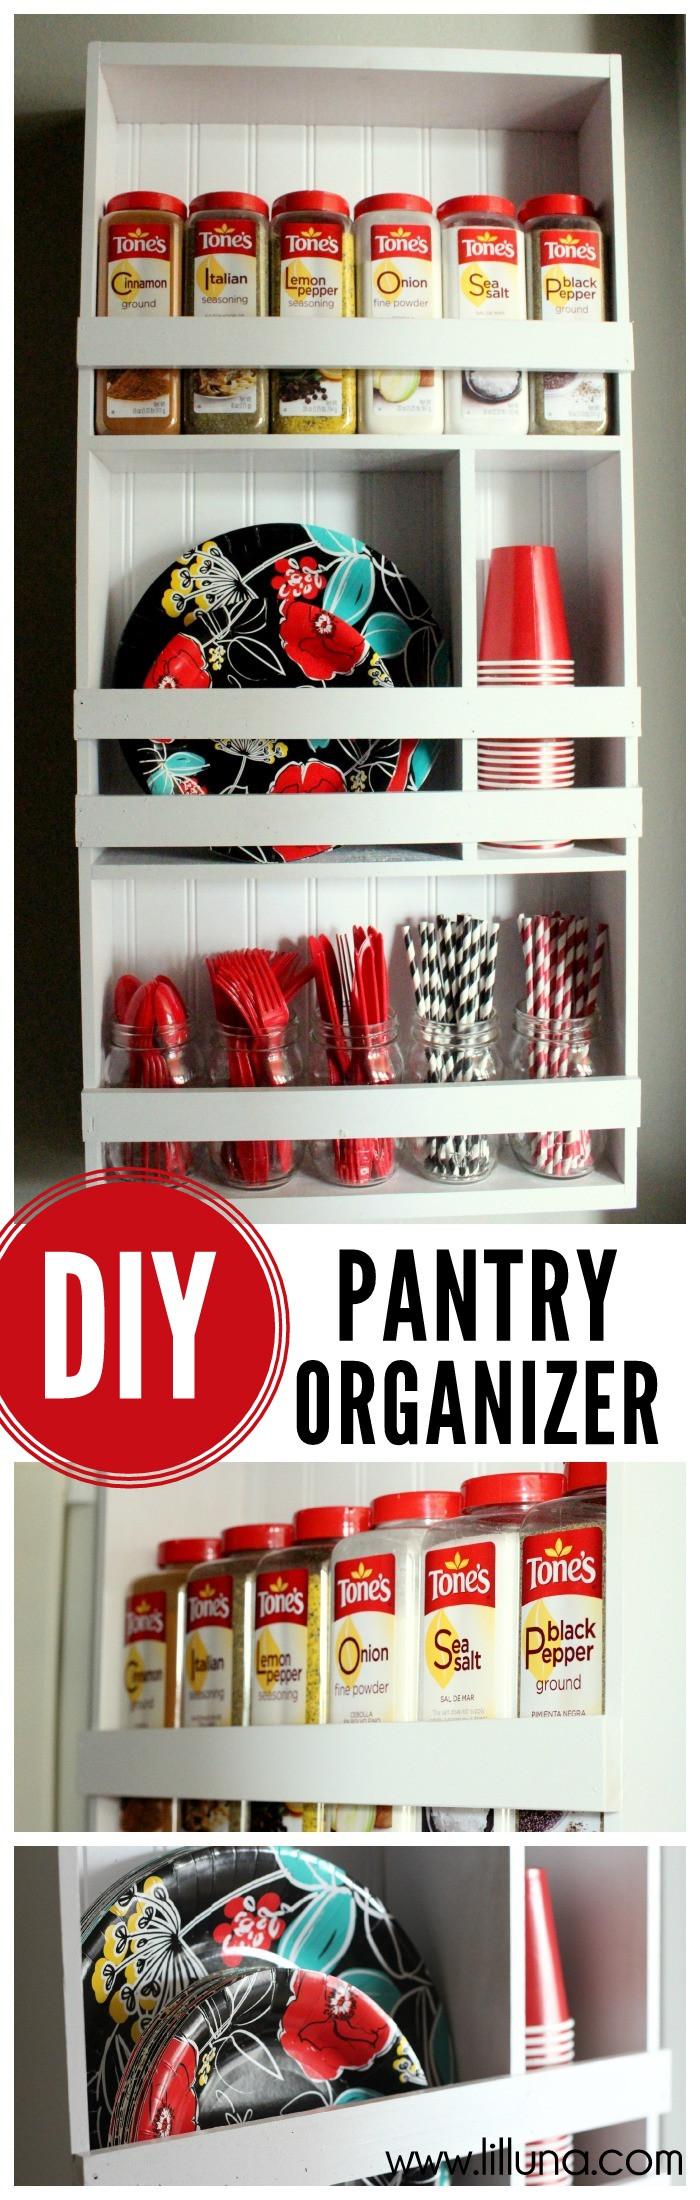 Pantry Organizers DIY  Pantry Organizer Tutorial